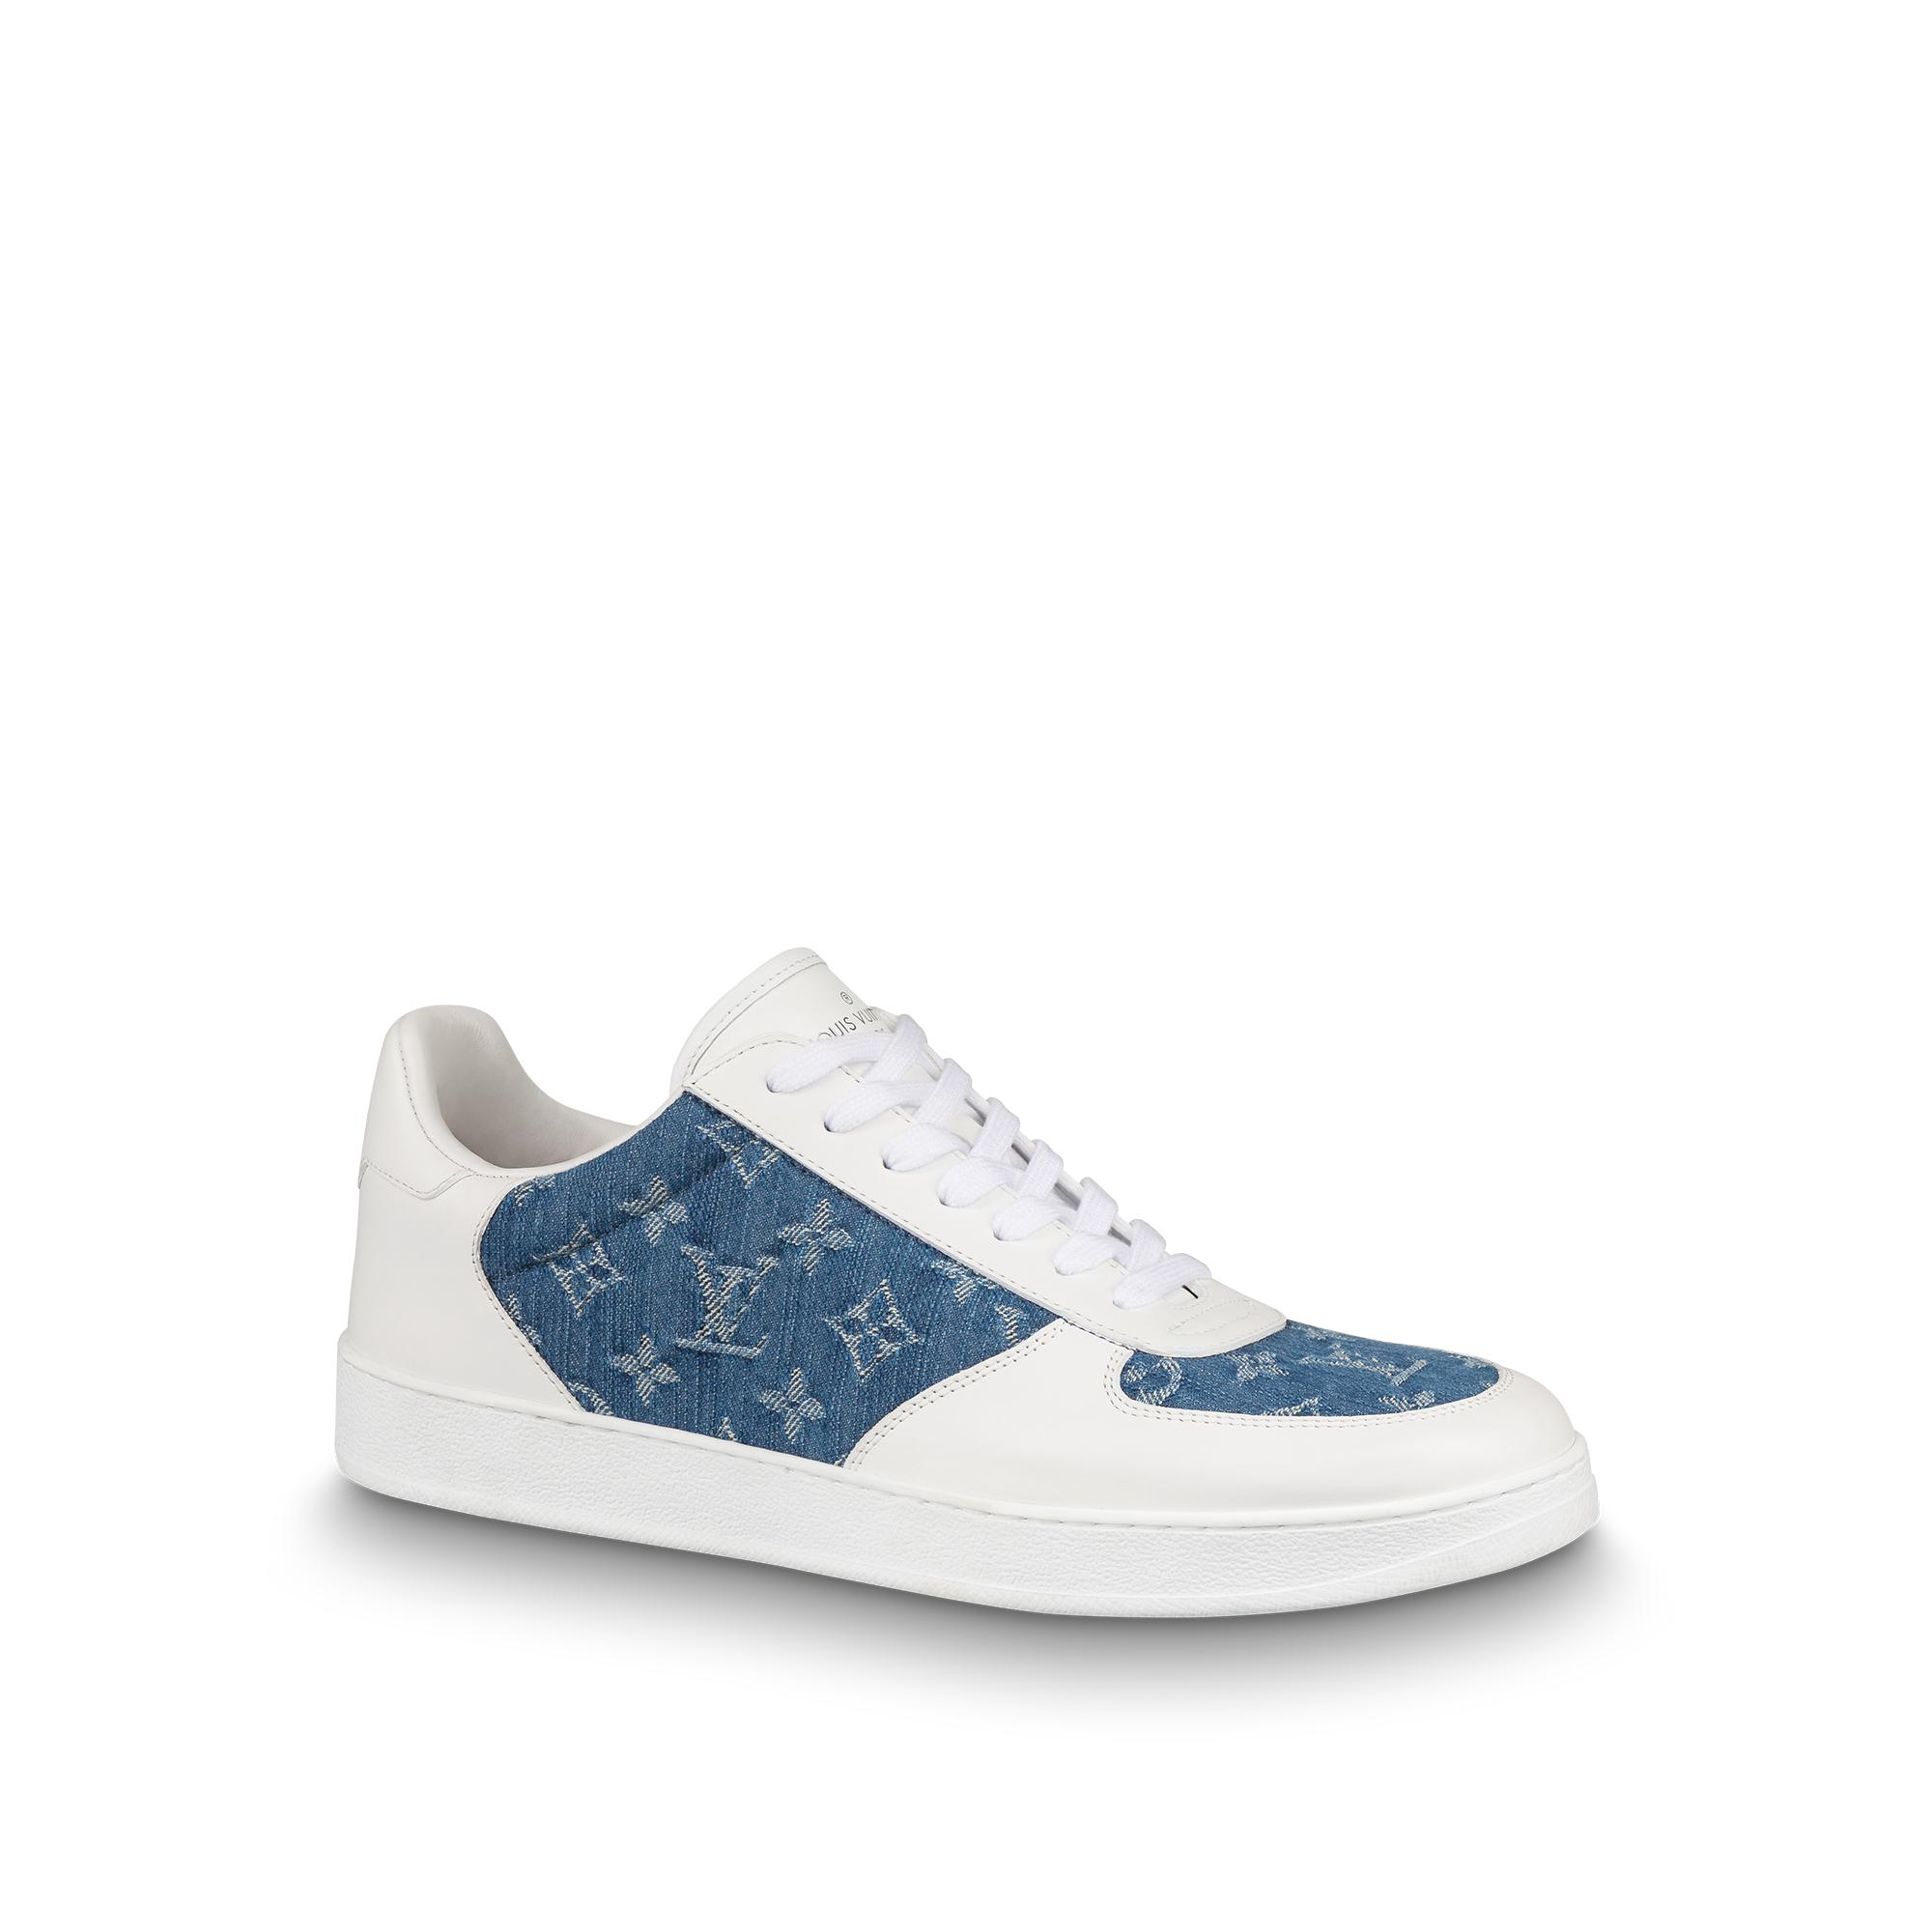 671ceb004b62 Louis Vuitton Rivoli Sneaker